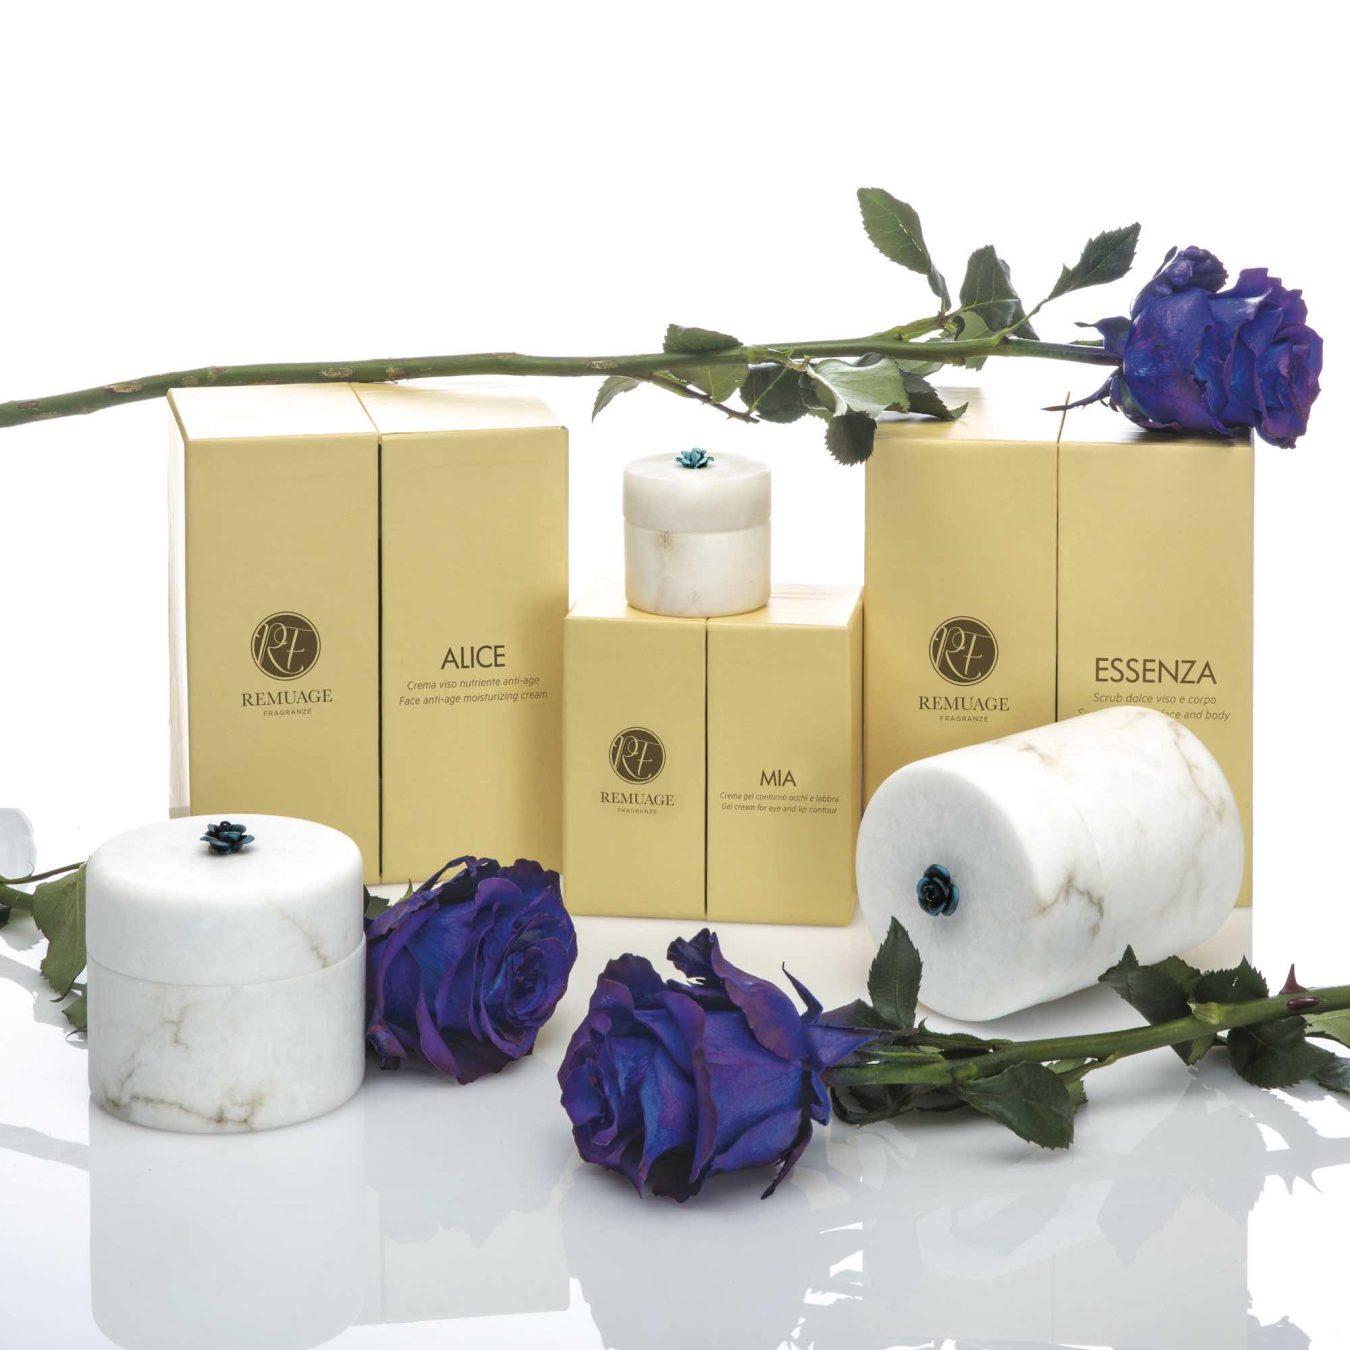 Remuage Fragranze è una nuova linea di prodotti di bellezza unisex ideata e creati da Alice Miglio, ideale per la beauty routine.